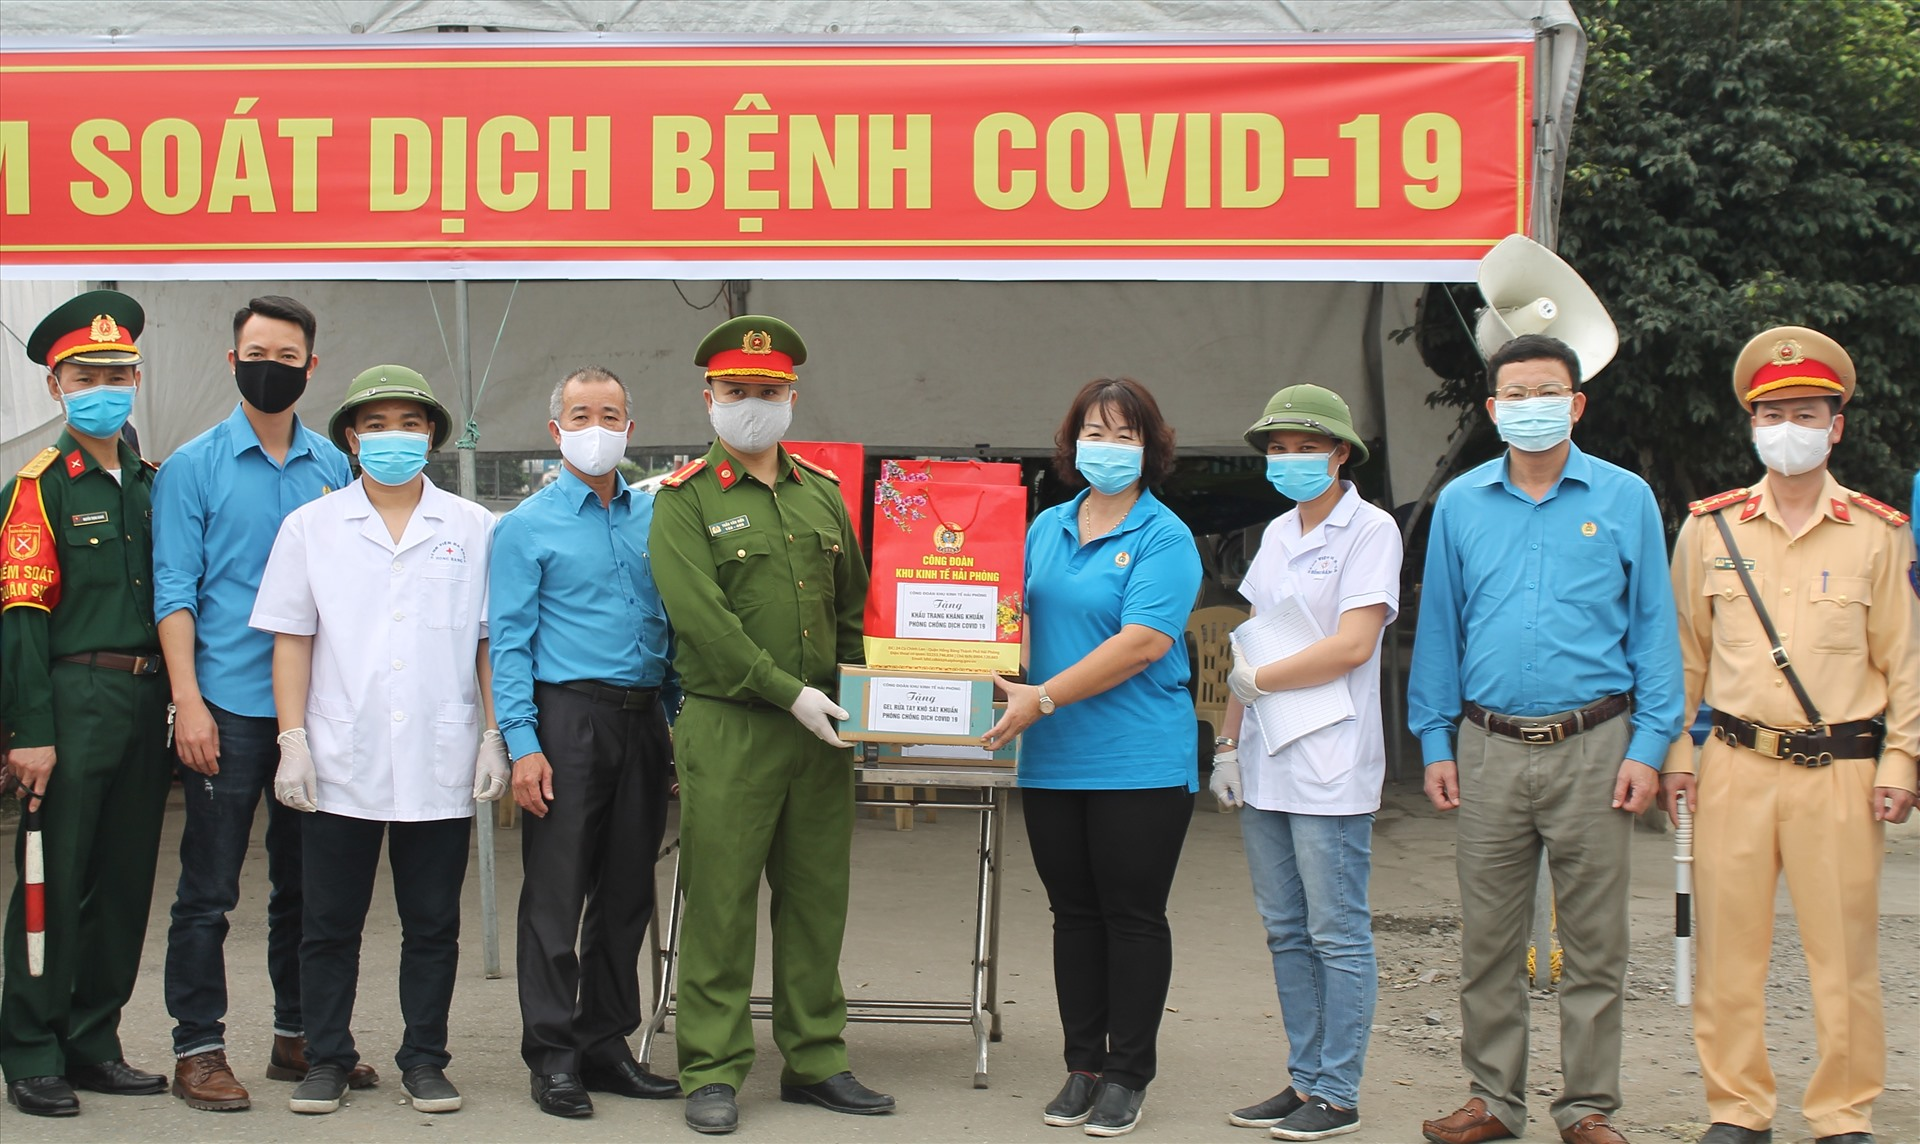 Công đoàn Khu kinh tế trao tặng 6 chốt kiểm soát dịch COVID-19 mỗi chốt 100 khẩu trang vải kháng khuẩn, 50 dung dịch sát khuẩn tay. Ảnh MD